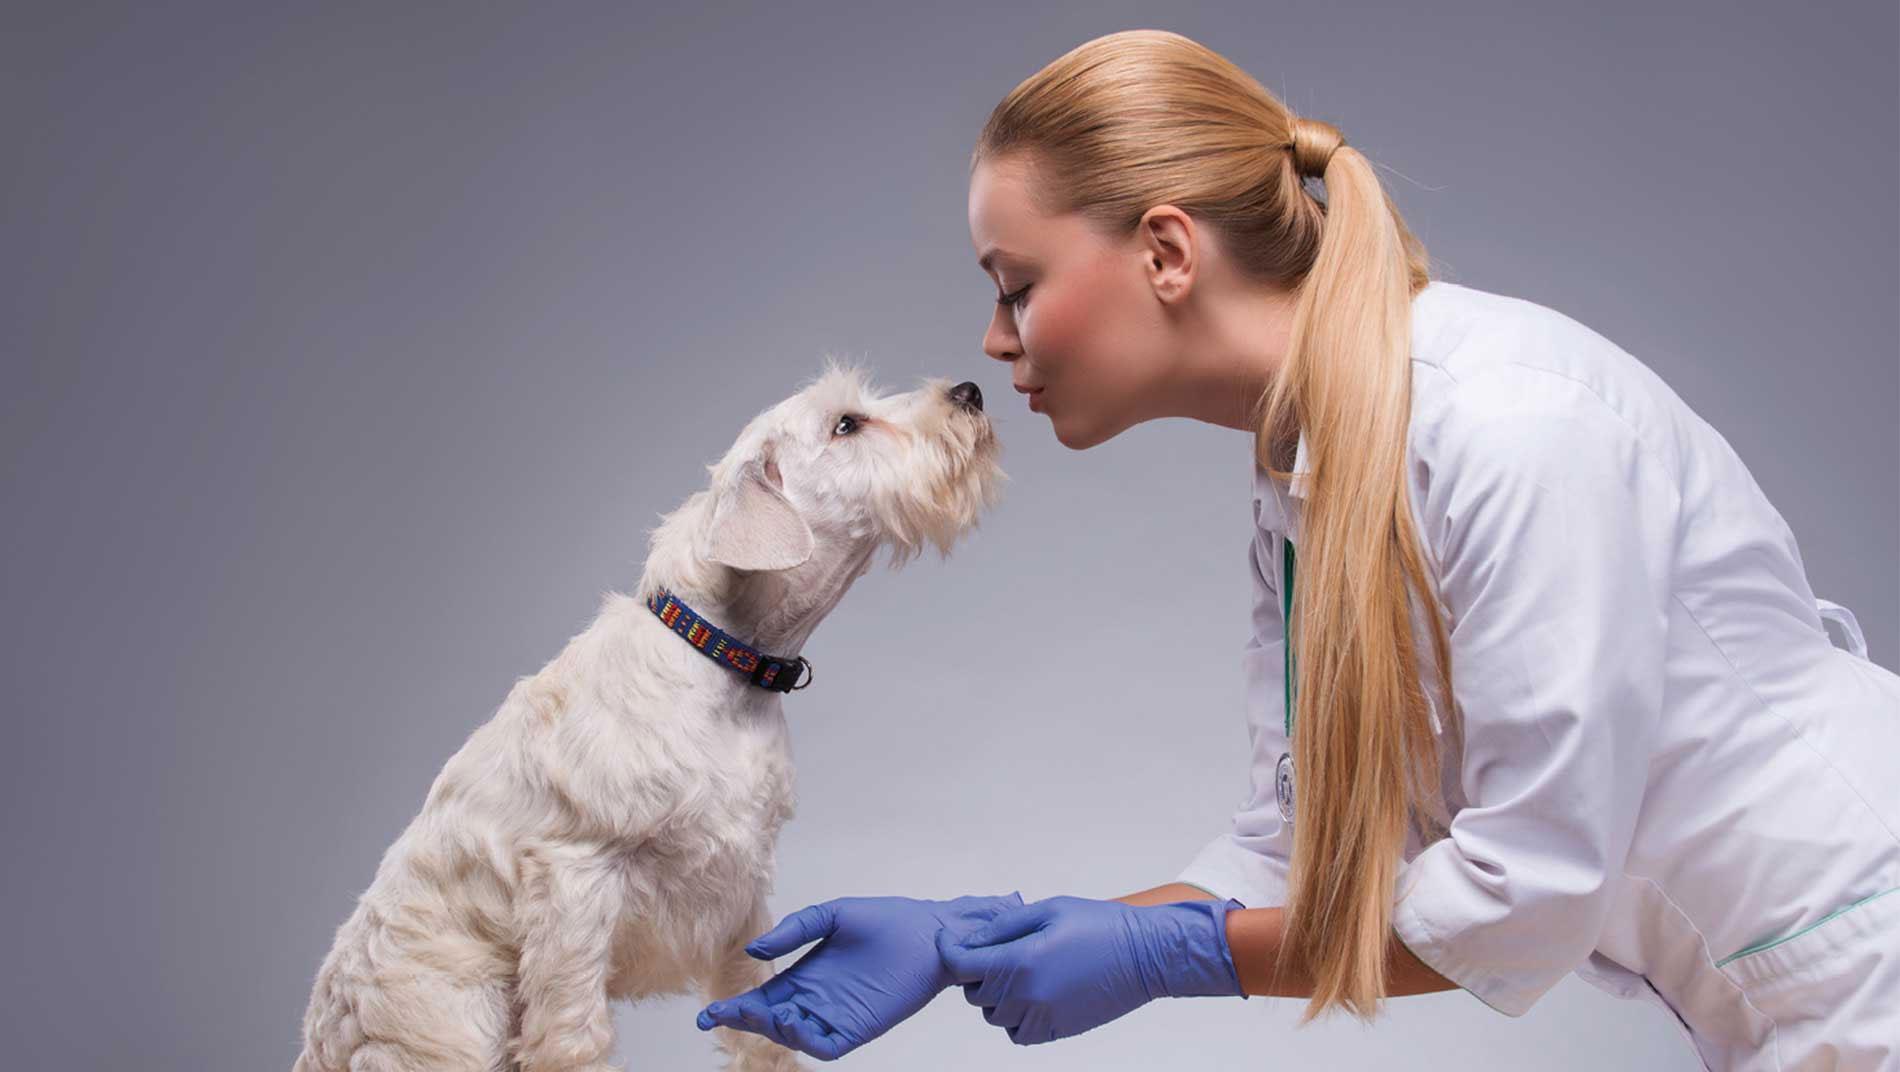 alcyon-centrale-achats-veterinaire-communication-web-agence-karma-communication-nice-paris-carte-visite-1